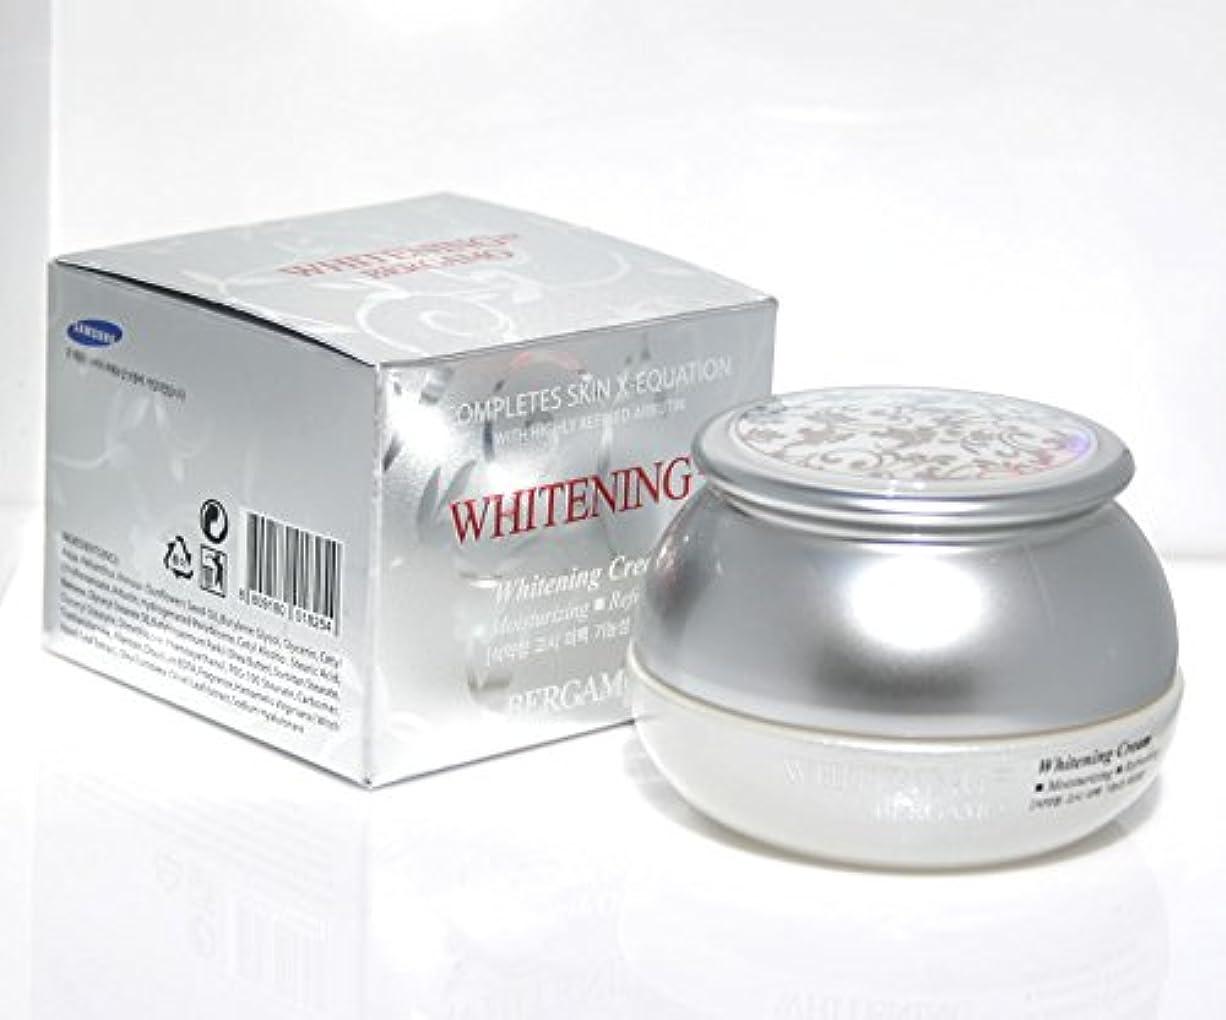 うぬぼれた前奏曲サッカー【ベルガモ][Bergamo]  は、高度に精製アルブチンホワイトニング例クリーム50g /  Completes Skin X-equation with Highly Refined Albutin Whitening...